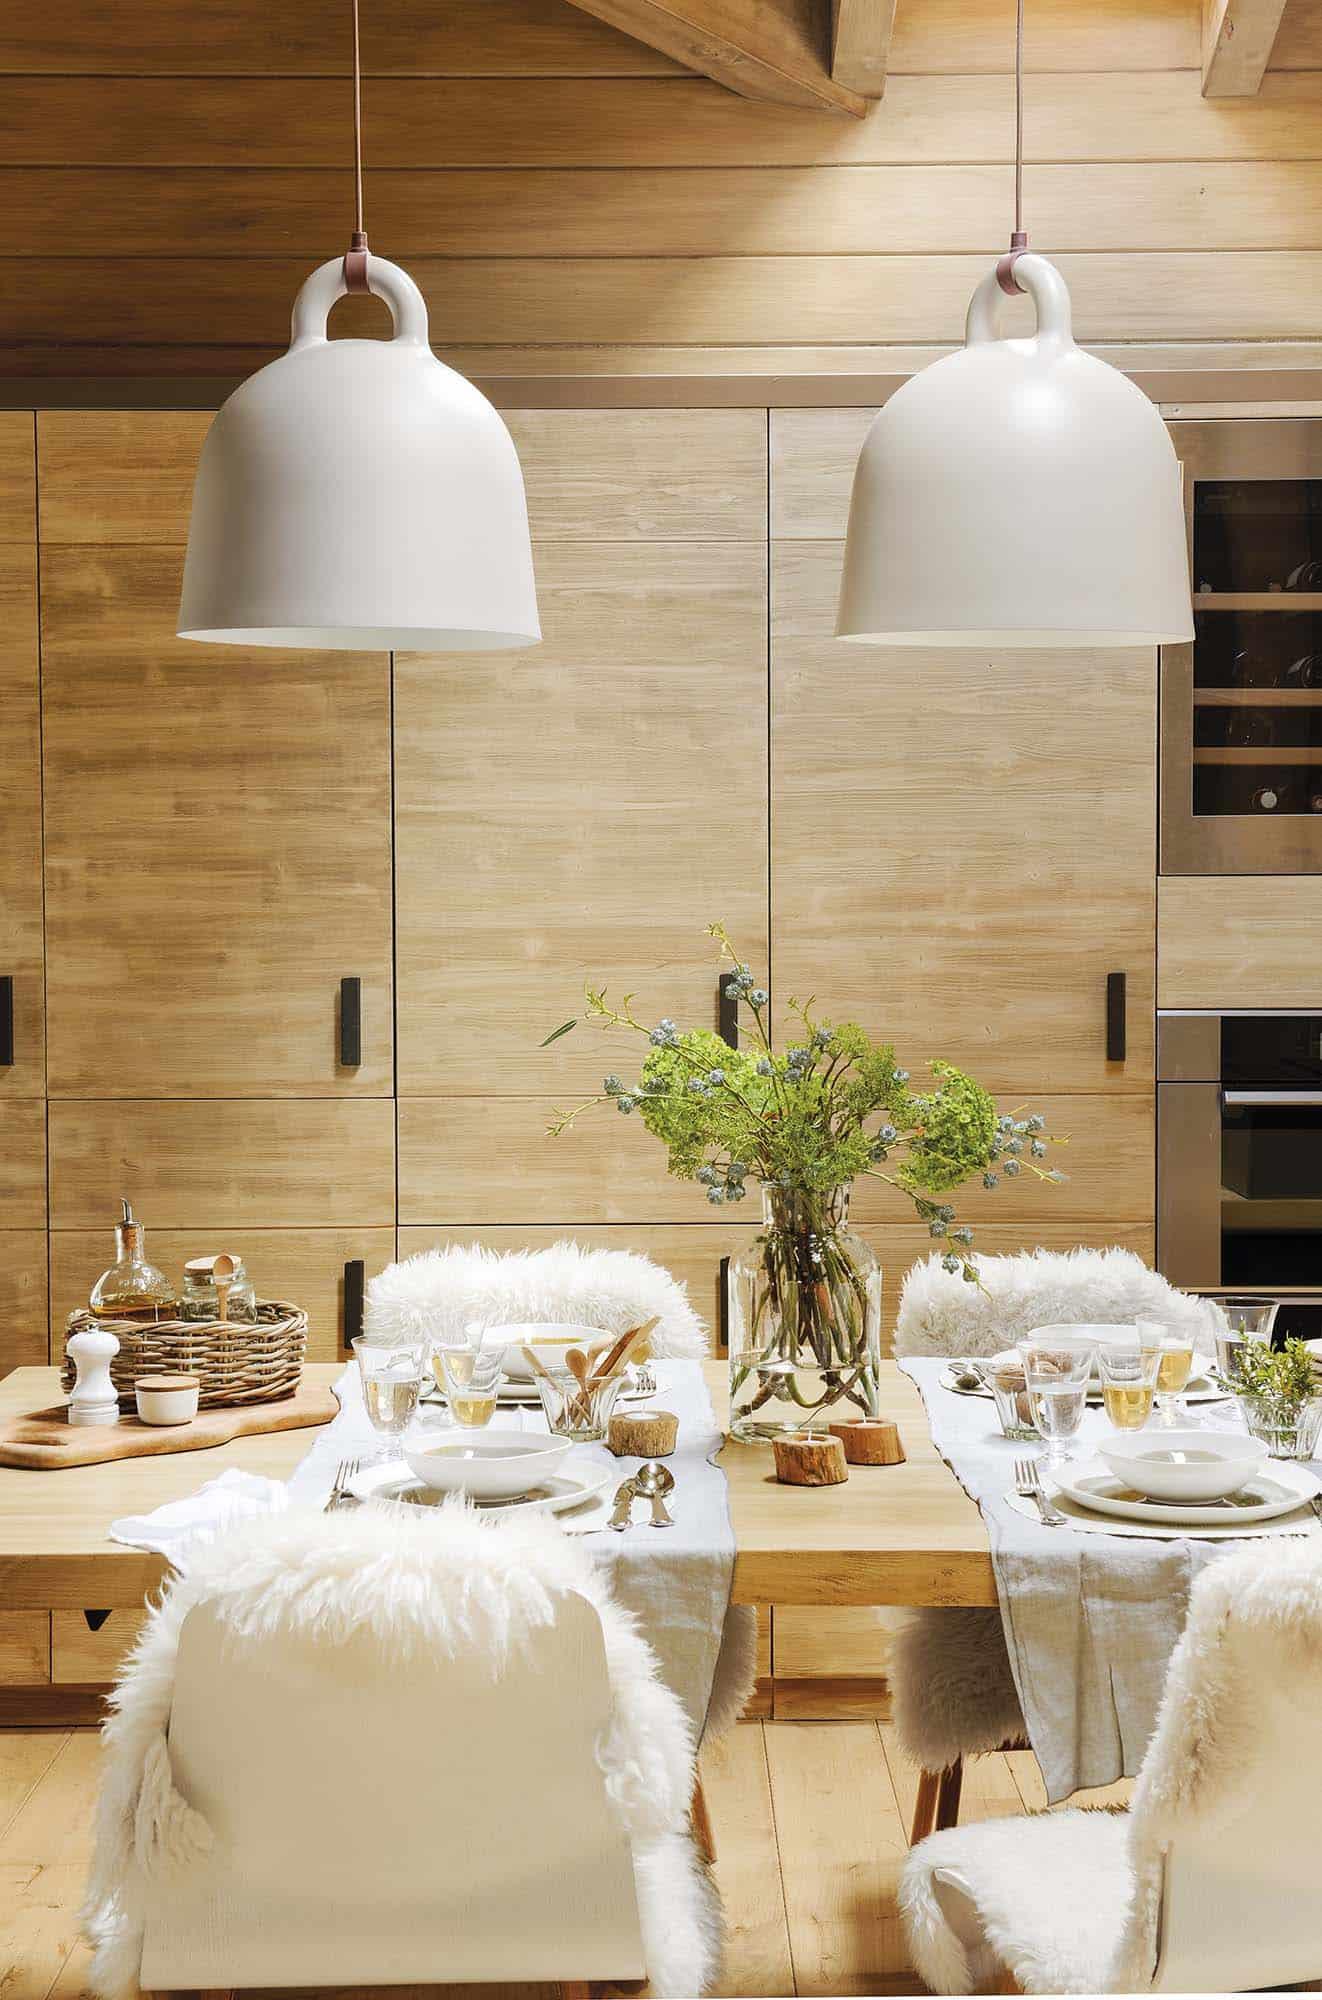 rustic-dream-cabin-kitchen